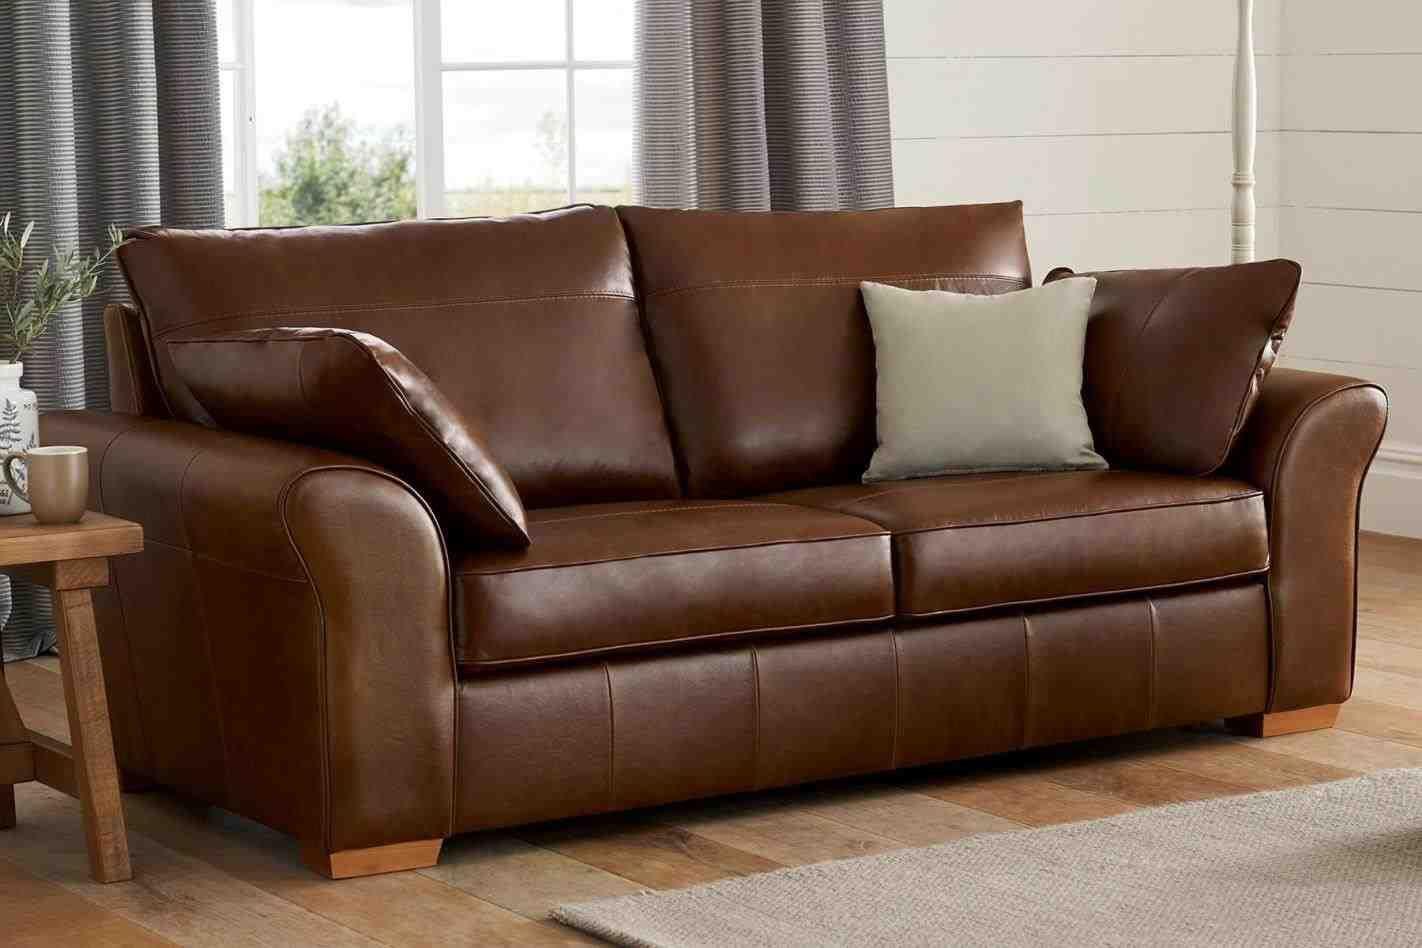 Leather Sofa Atlanta Ga 2 Piece Set Online Three Seater